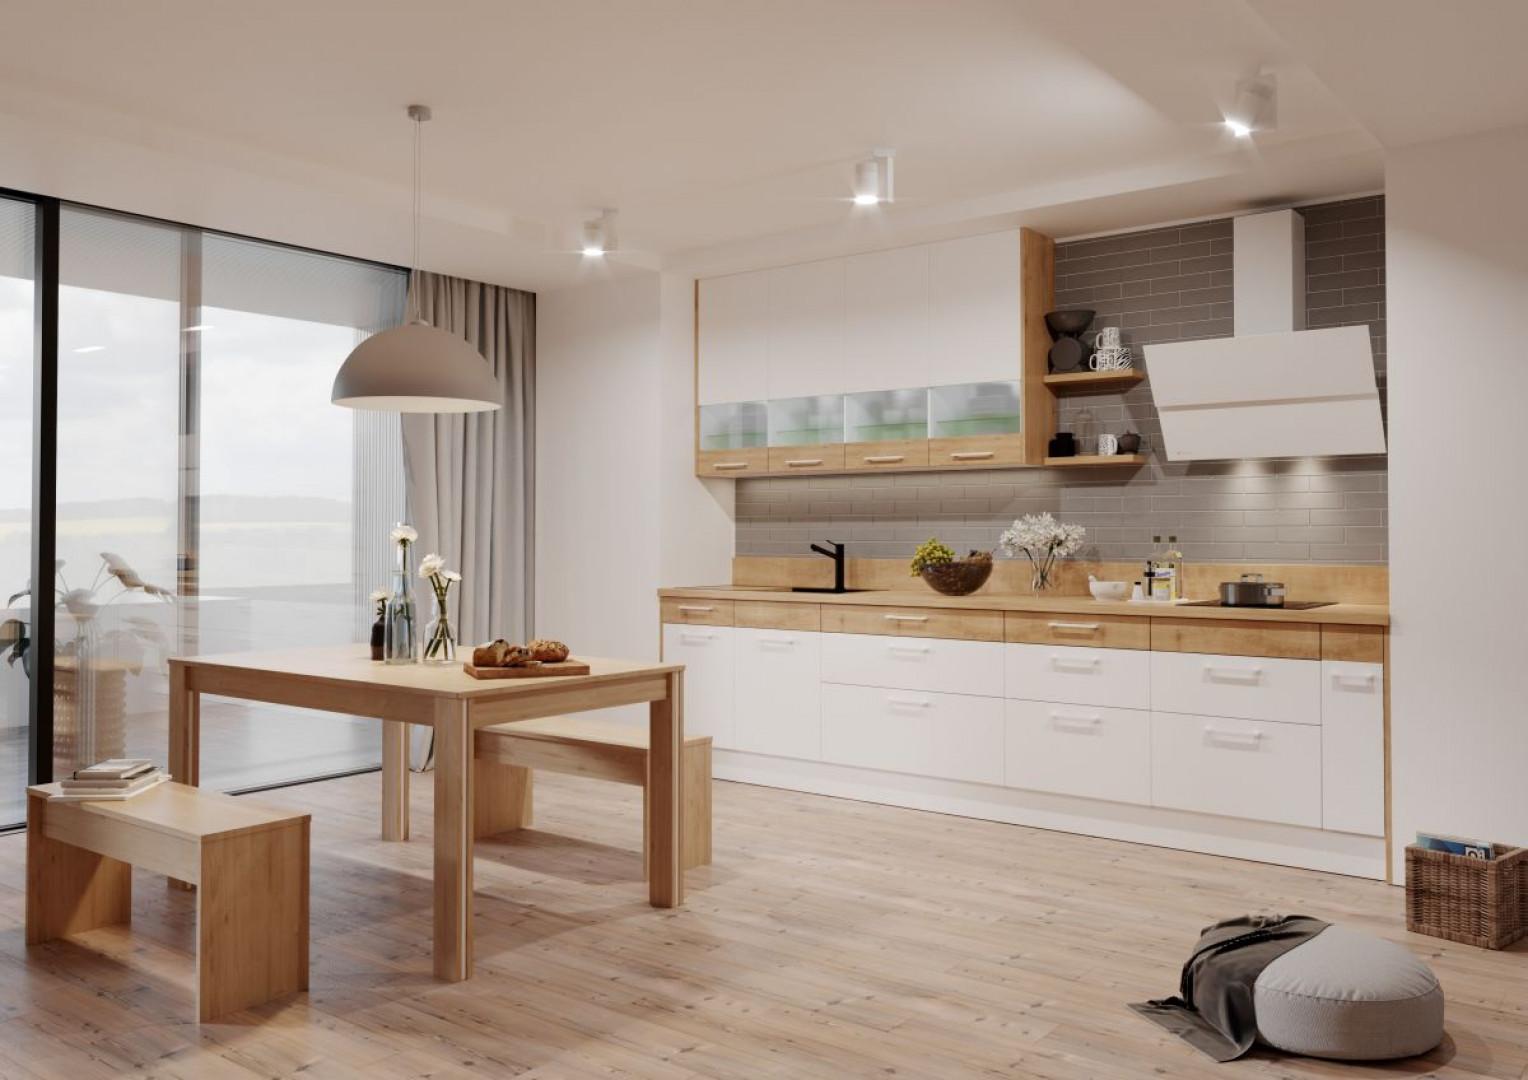 Kuchnia KAMduo ML - kolory drewna połączone z bielą. Fot. KAM Kuchnie